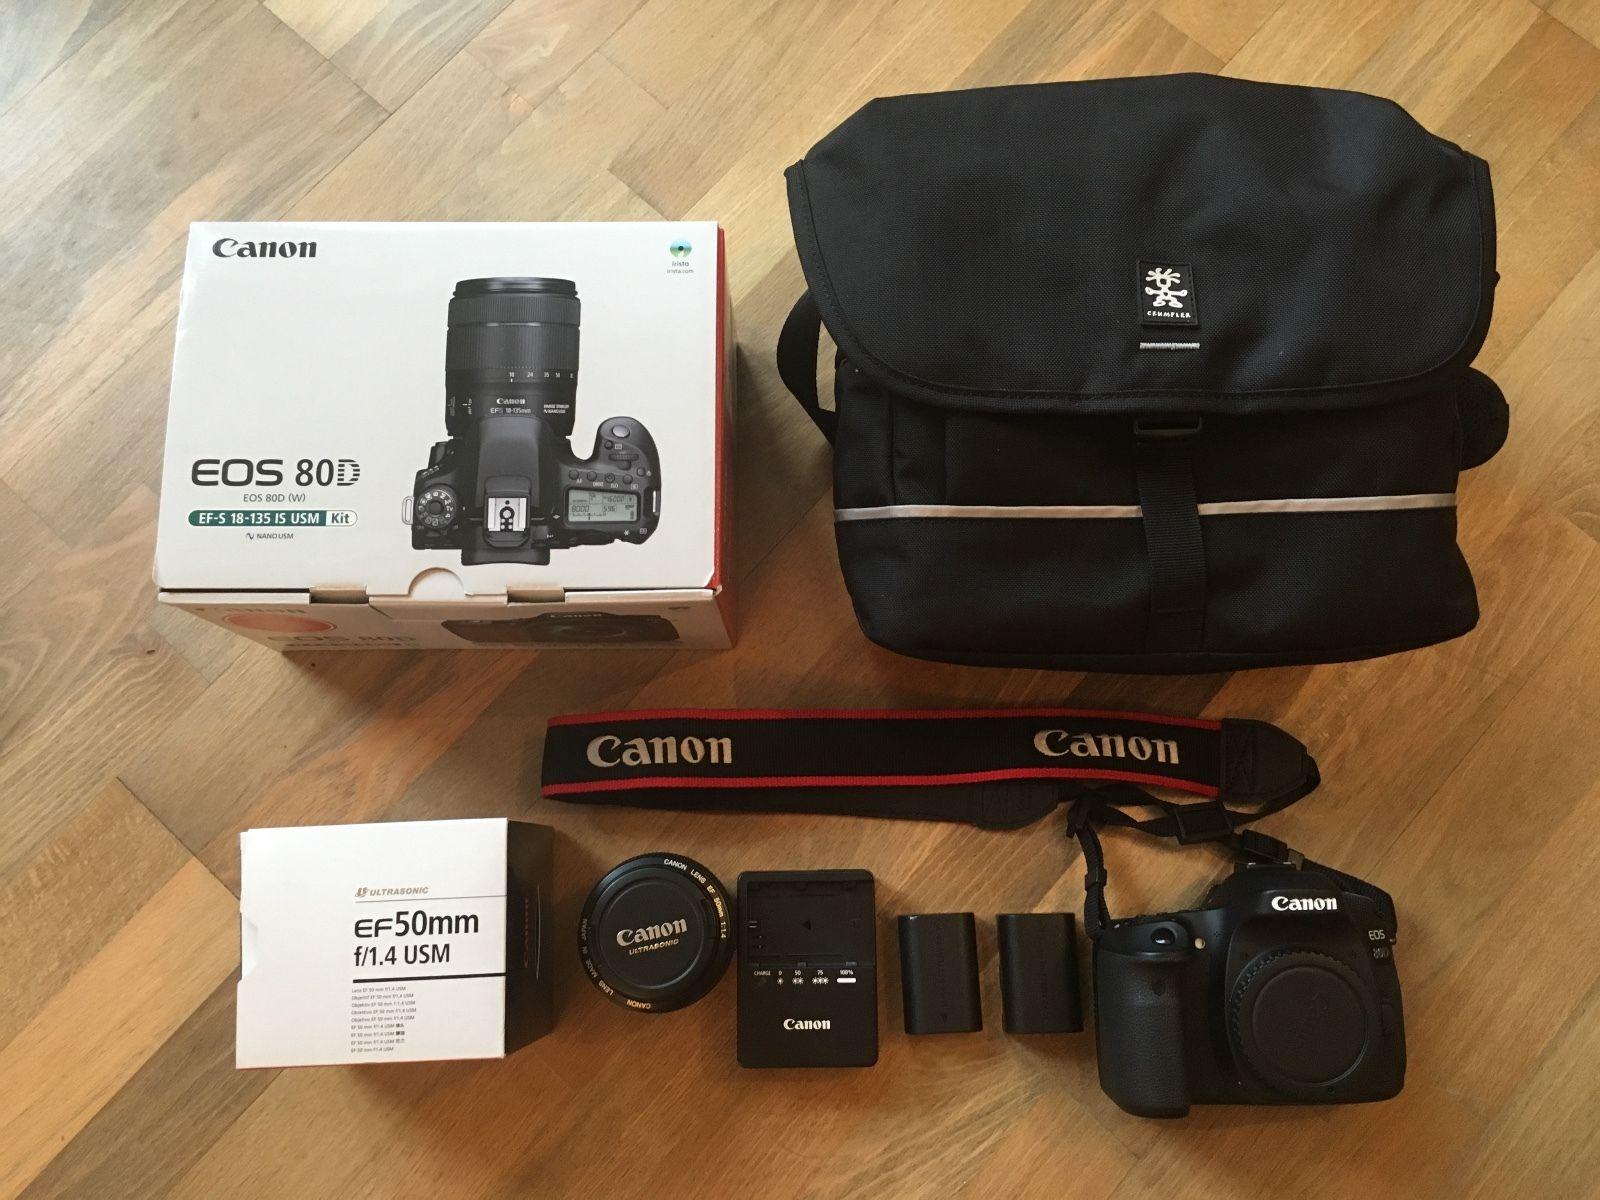 Canon EOS 80D 24.2 MP DSLR-Digitalkamera + 50mm Objektiv + Extras